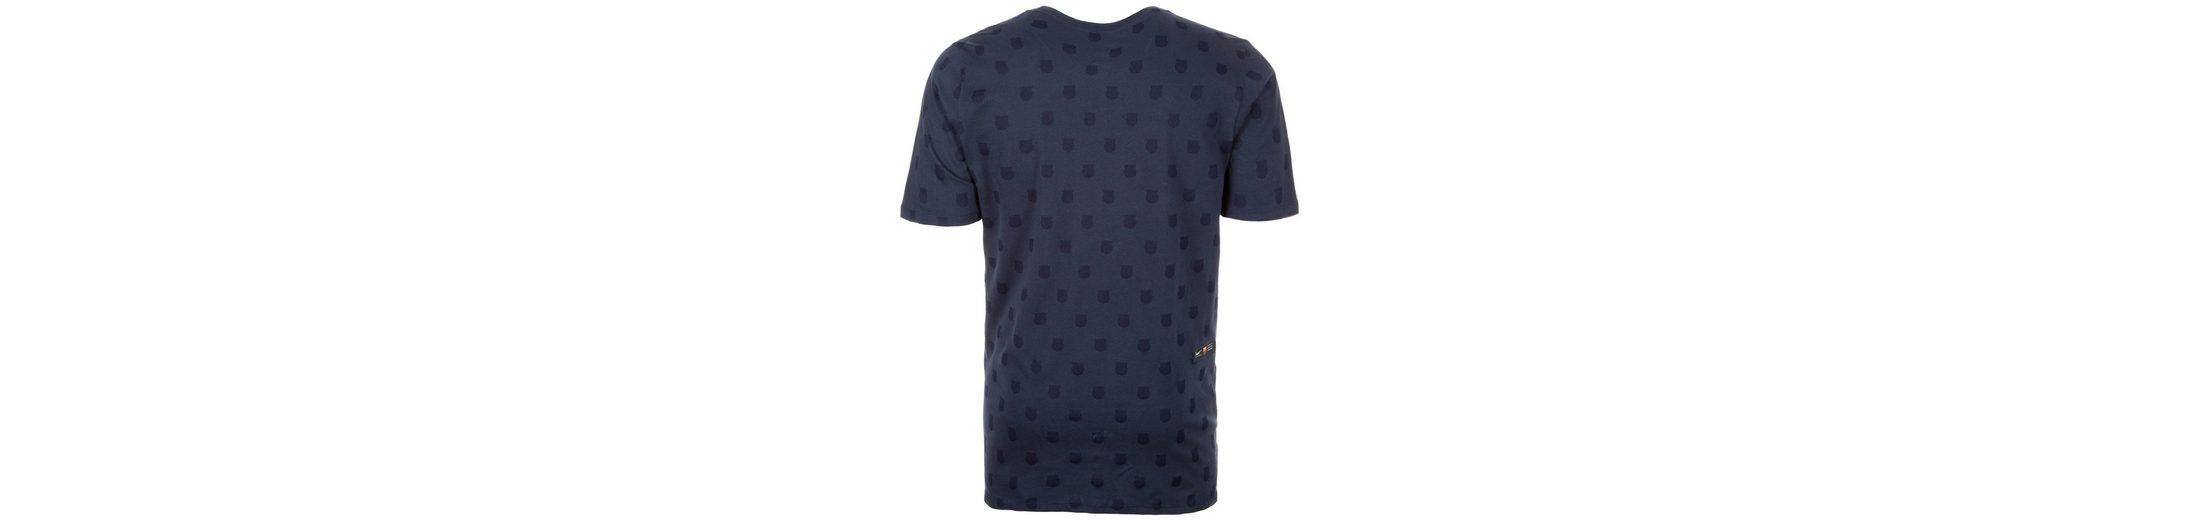 Offizielle Seite Verkauf Online Nike T-Shirt Fc Barcelona Squad  Wo Zu Kaufen xsVC7